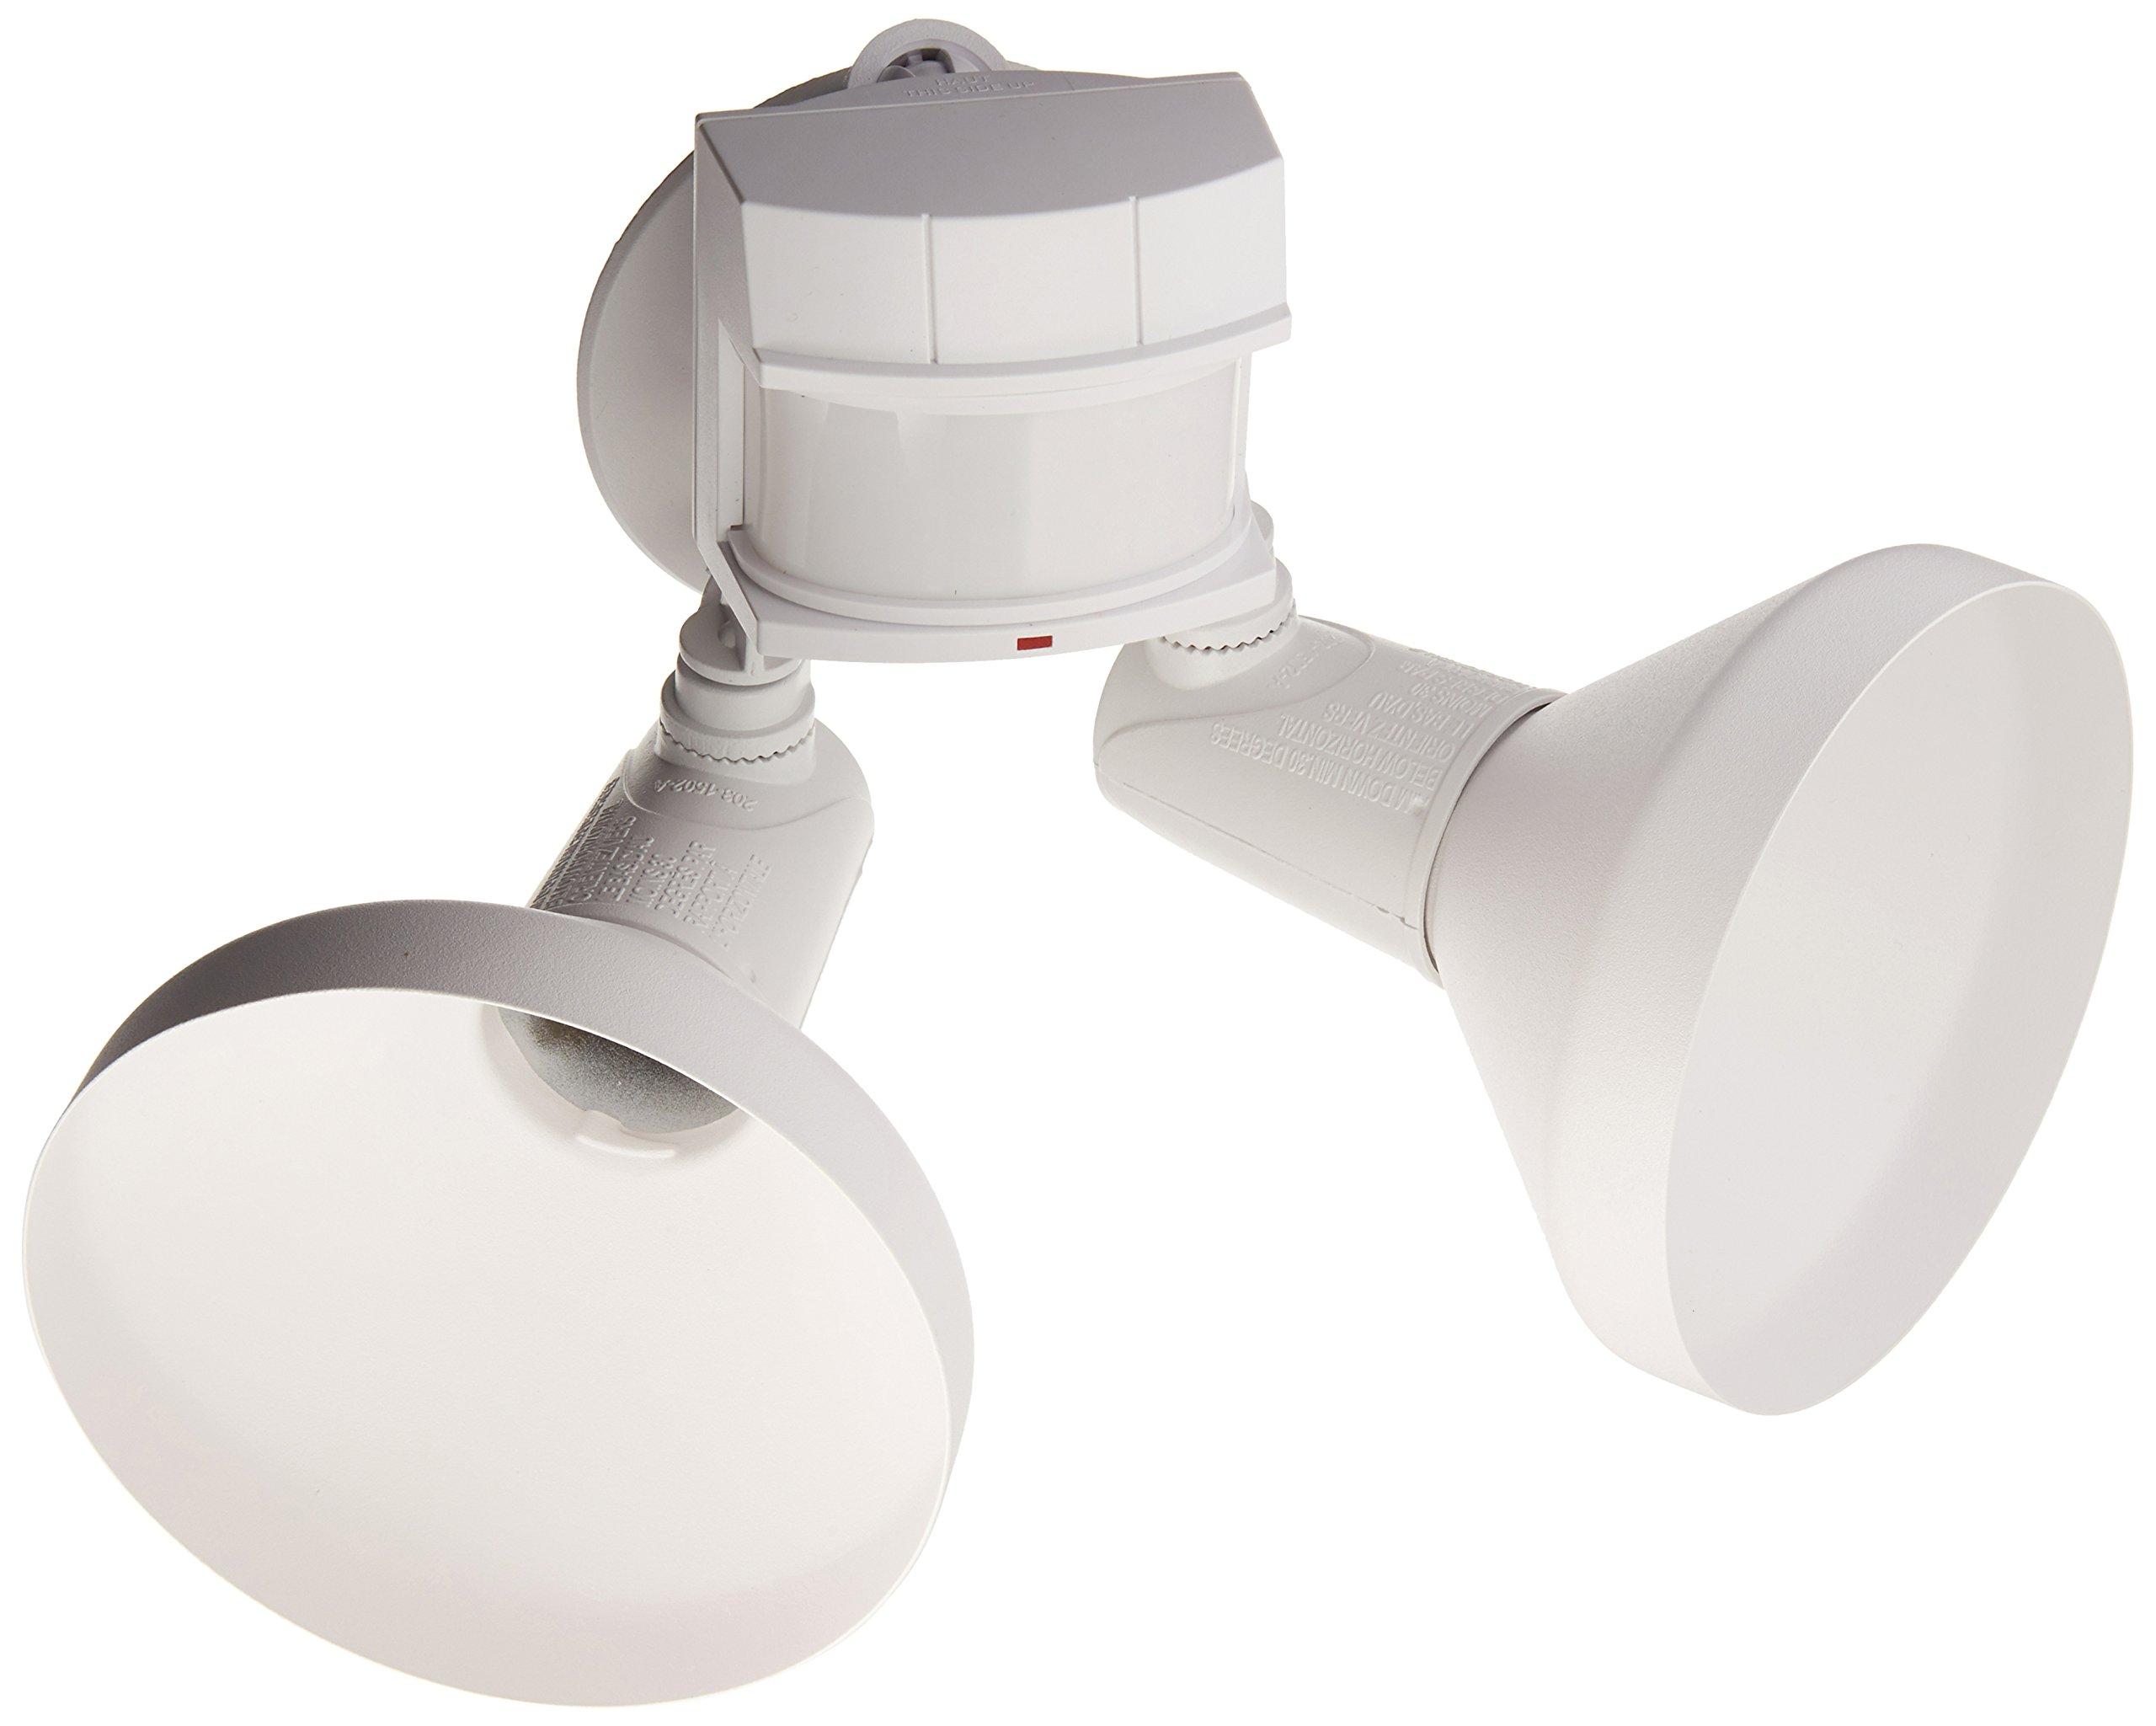 Heath Zenith HZ-5318-WH Halogen Flood Light, DualBrite Motion-Activated, White